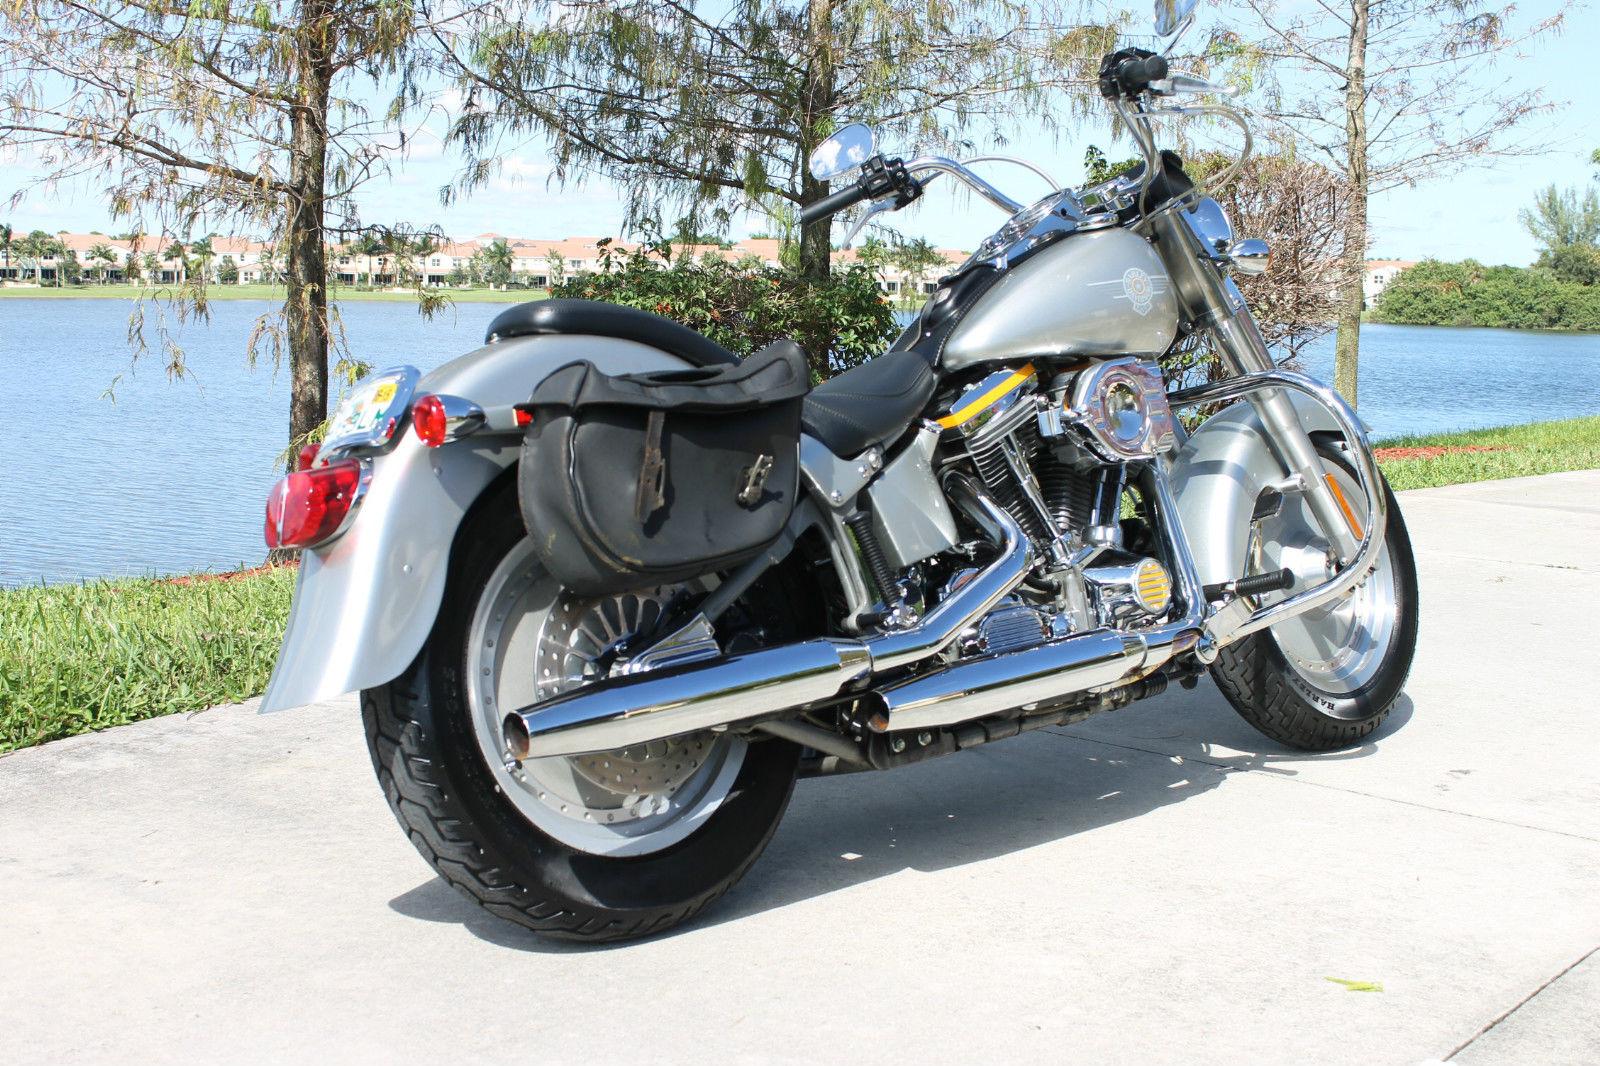 1990 Harley Davidson Fatboy Grey Ghost